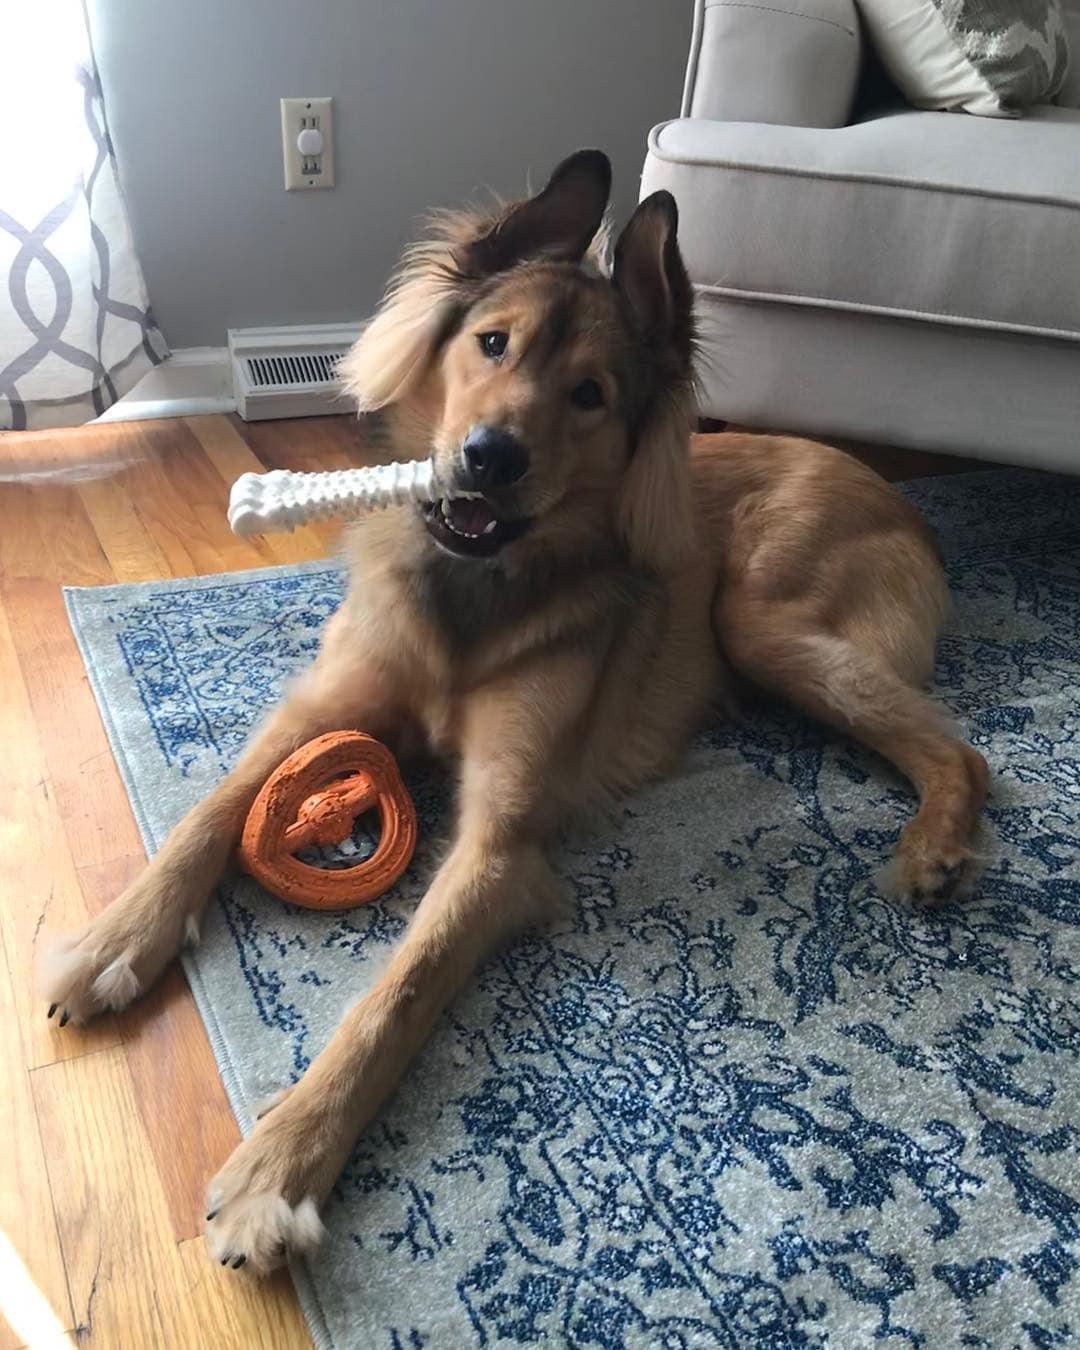 Метис: порода собак, характер, уход и здоровье, болезни, кормление